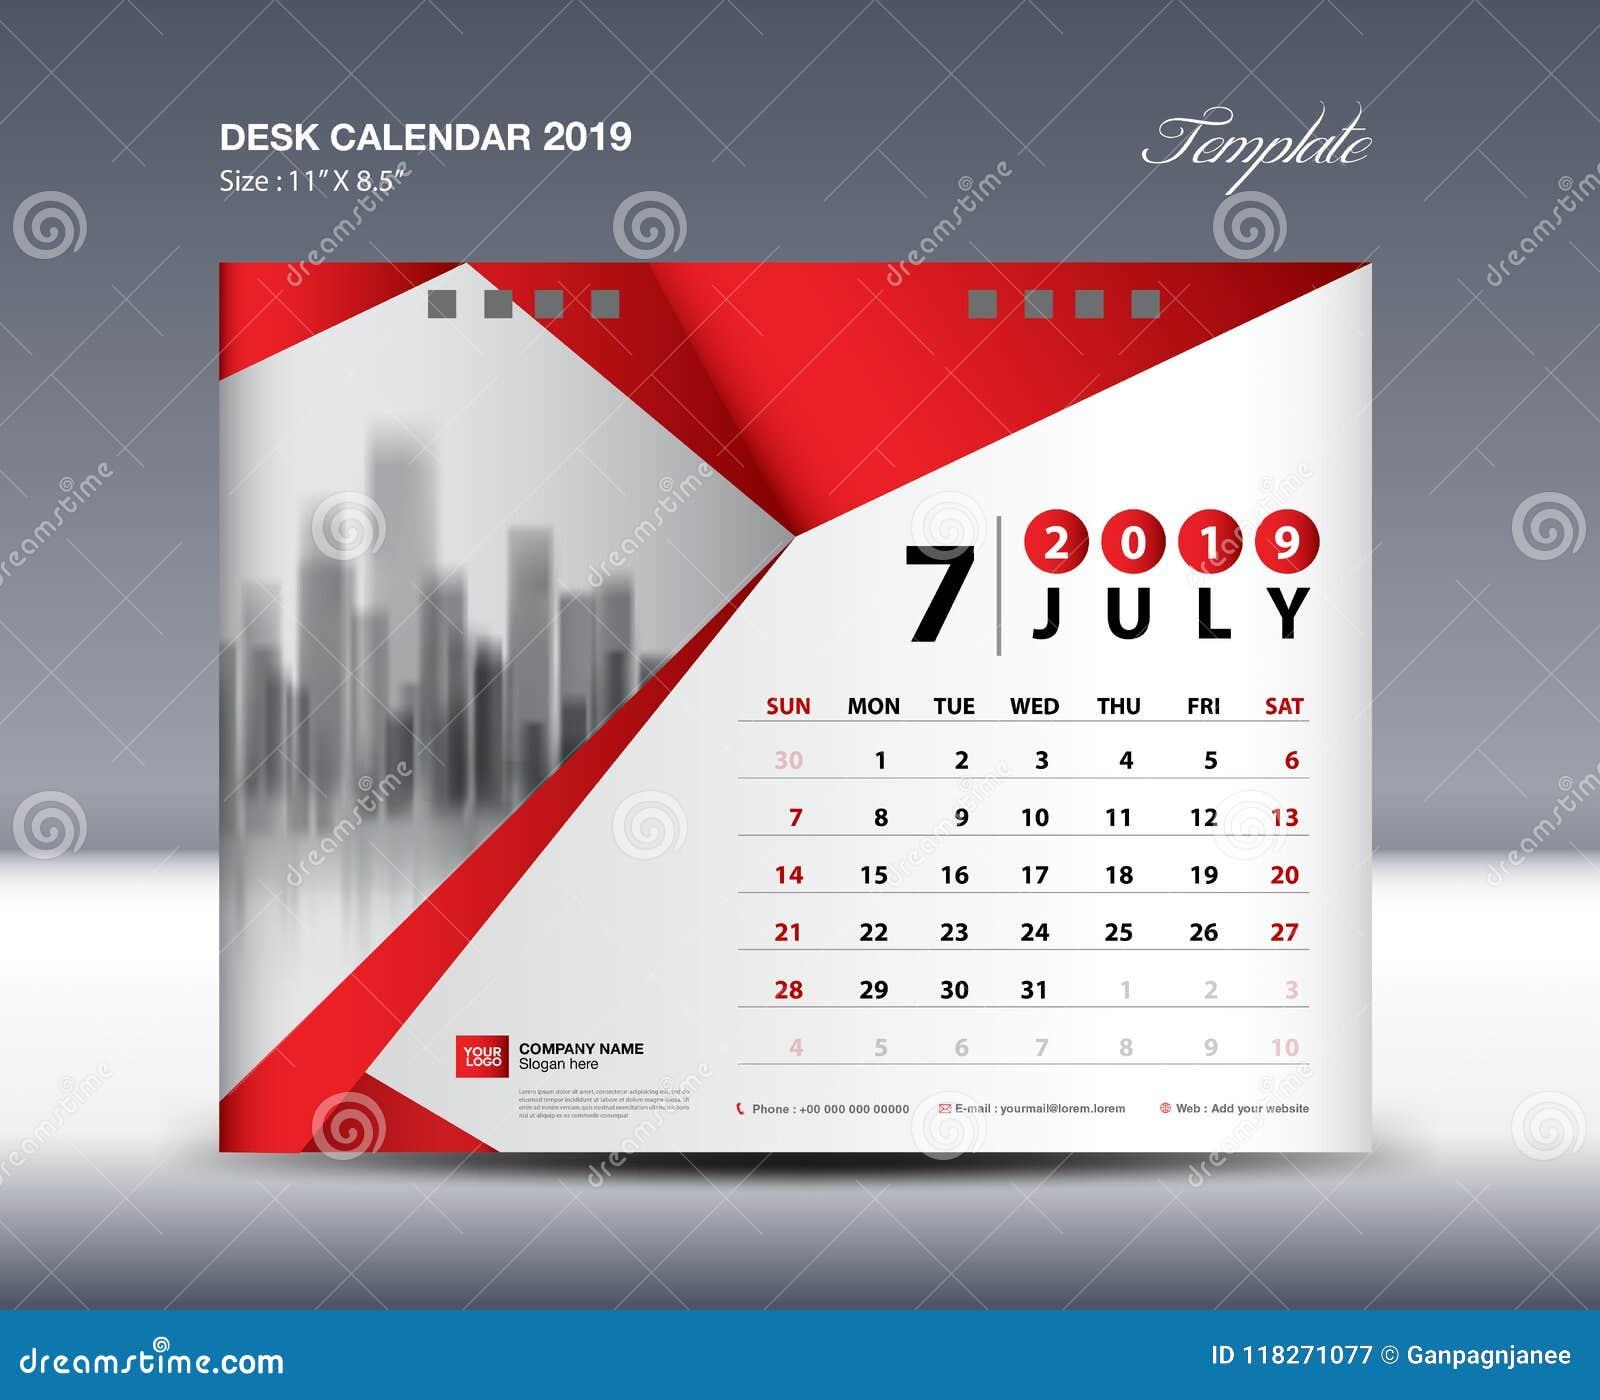 july desk calendar 2019 template week starts sunday stationery